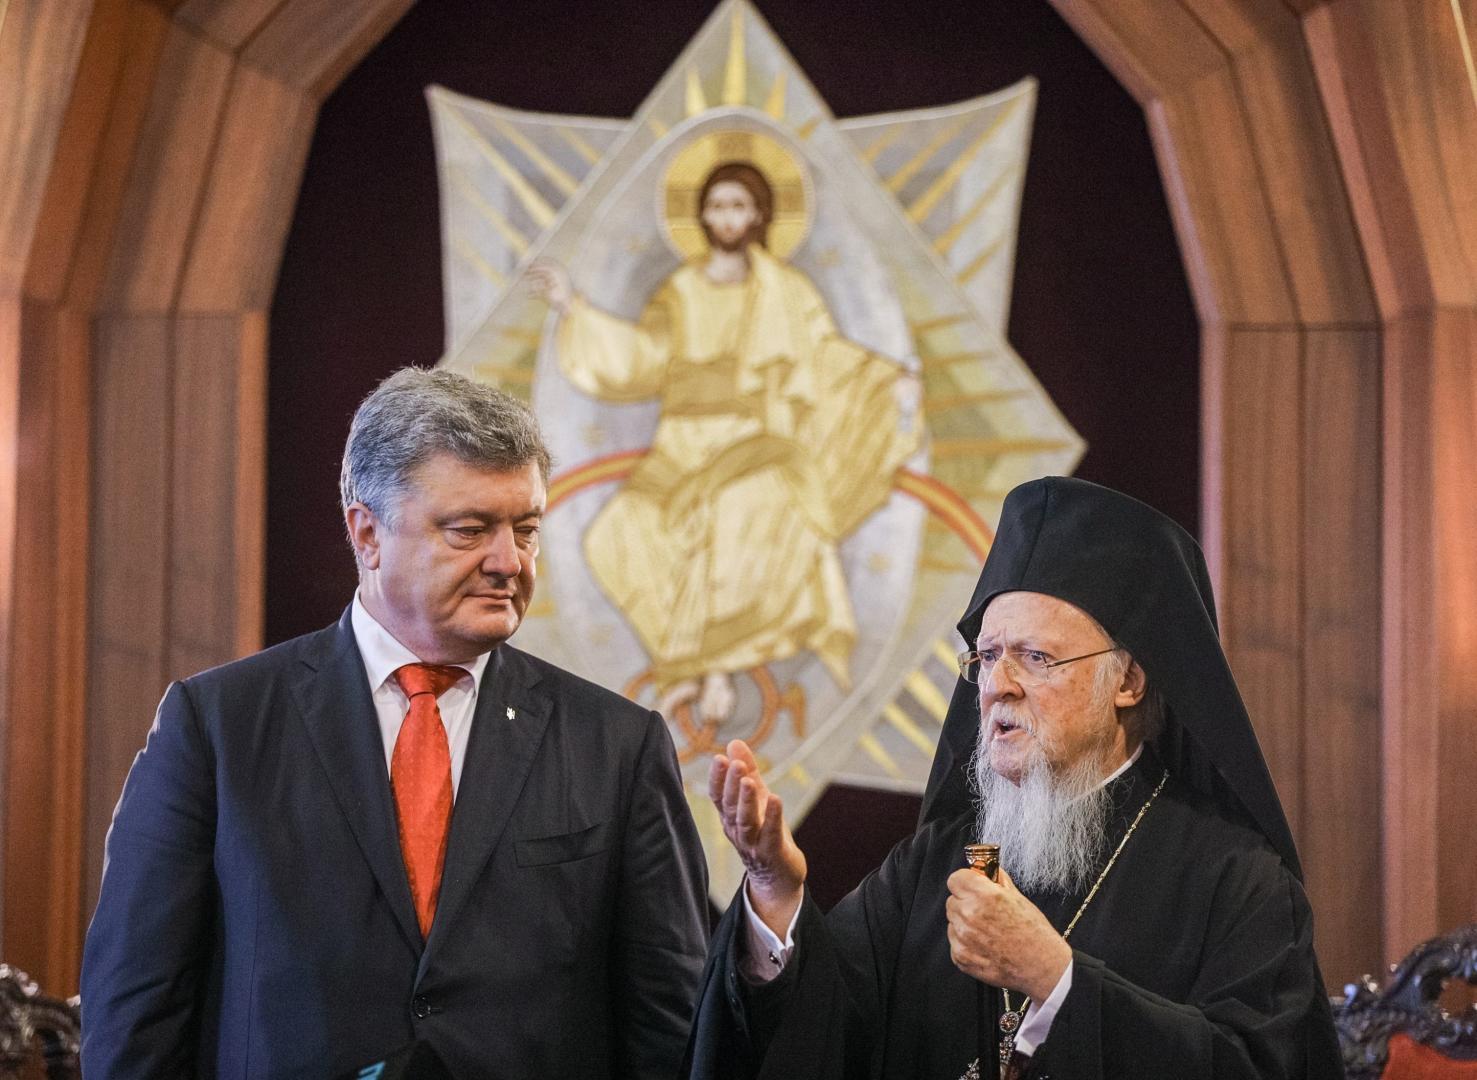 Presedintele Porosenko se bucură de sprijinul declarat al noii structuri ortodoxe autocefale din Ucraina